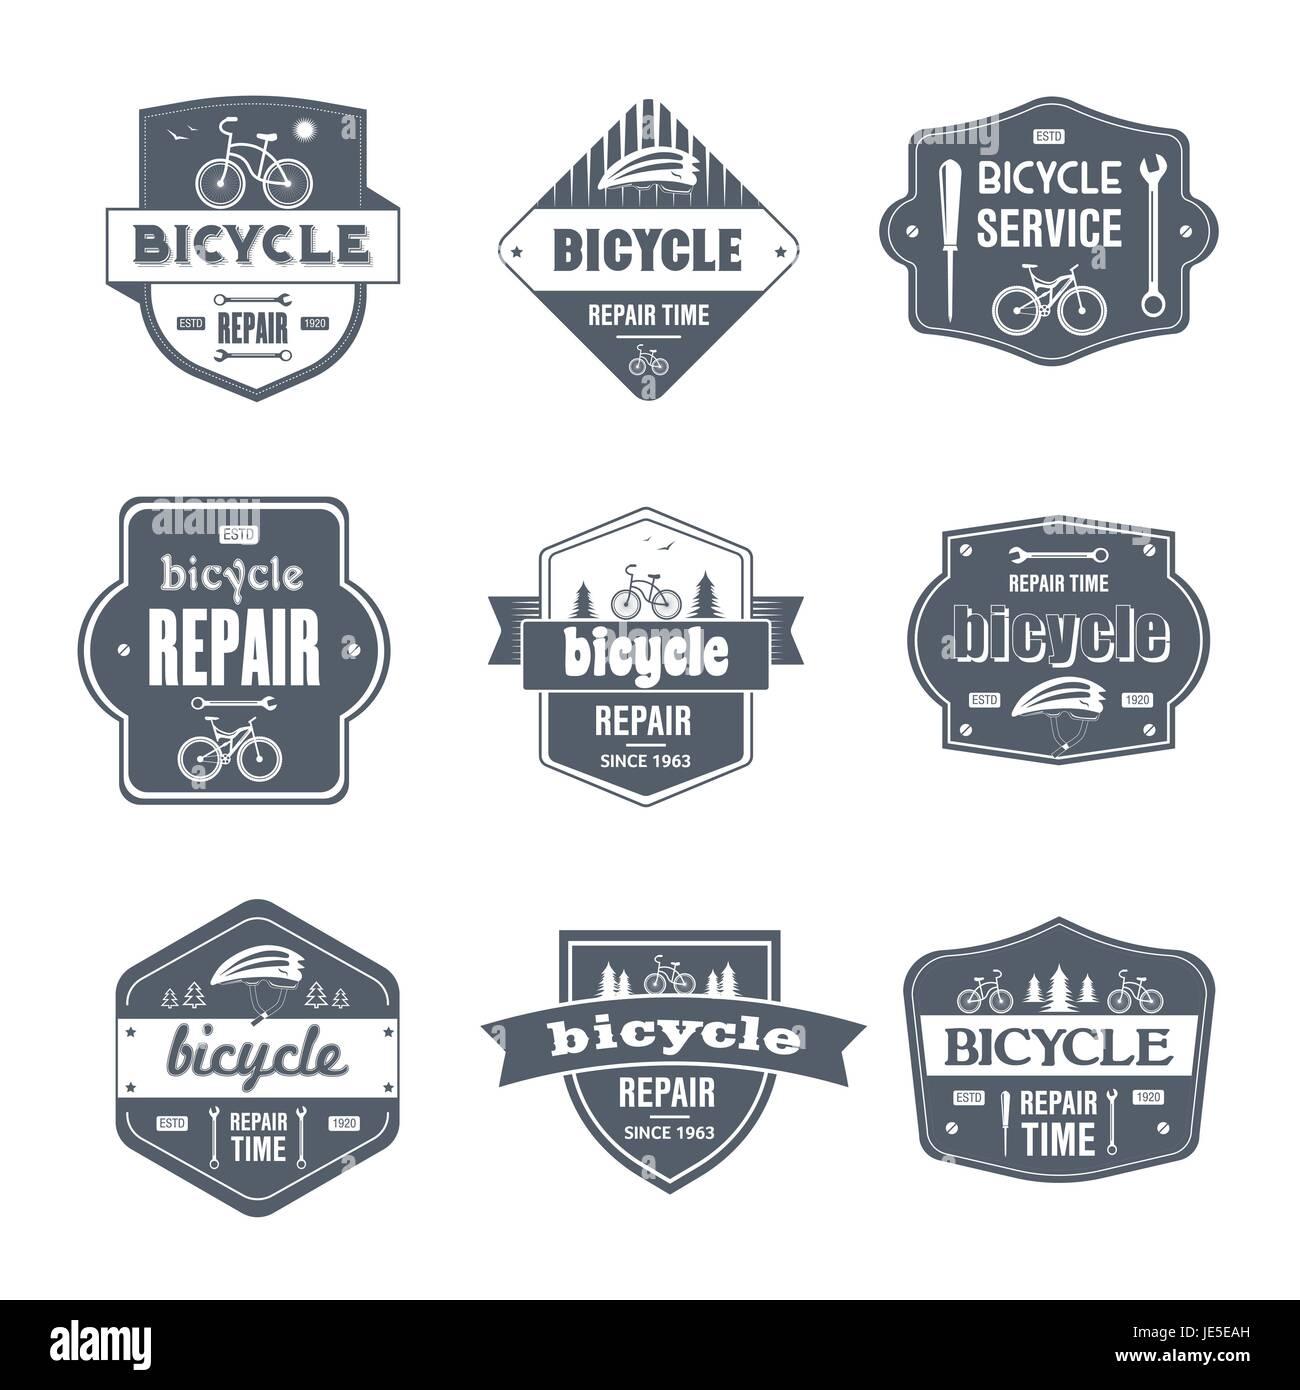 Bike Vector Logo Design Template Stockfotos & Bike Vector Logo ...